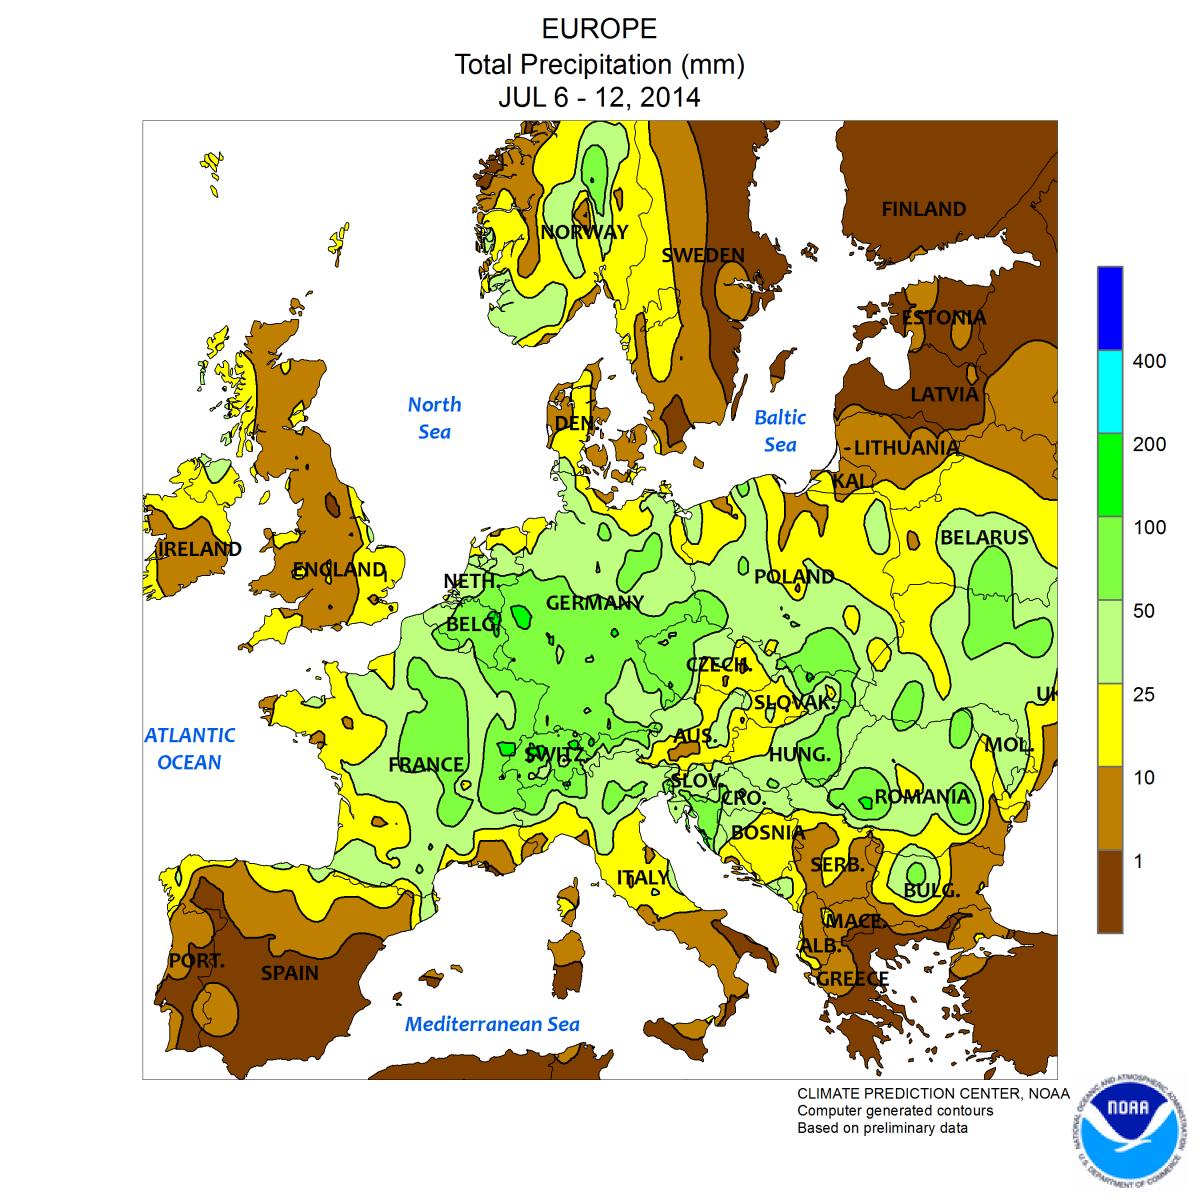 Image d'illustration pour Bilan de la semaine dernière : très chaud en Scandinavie, souvent très arrosé